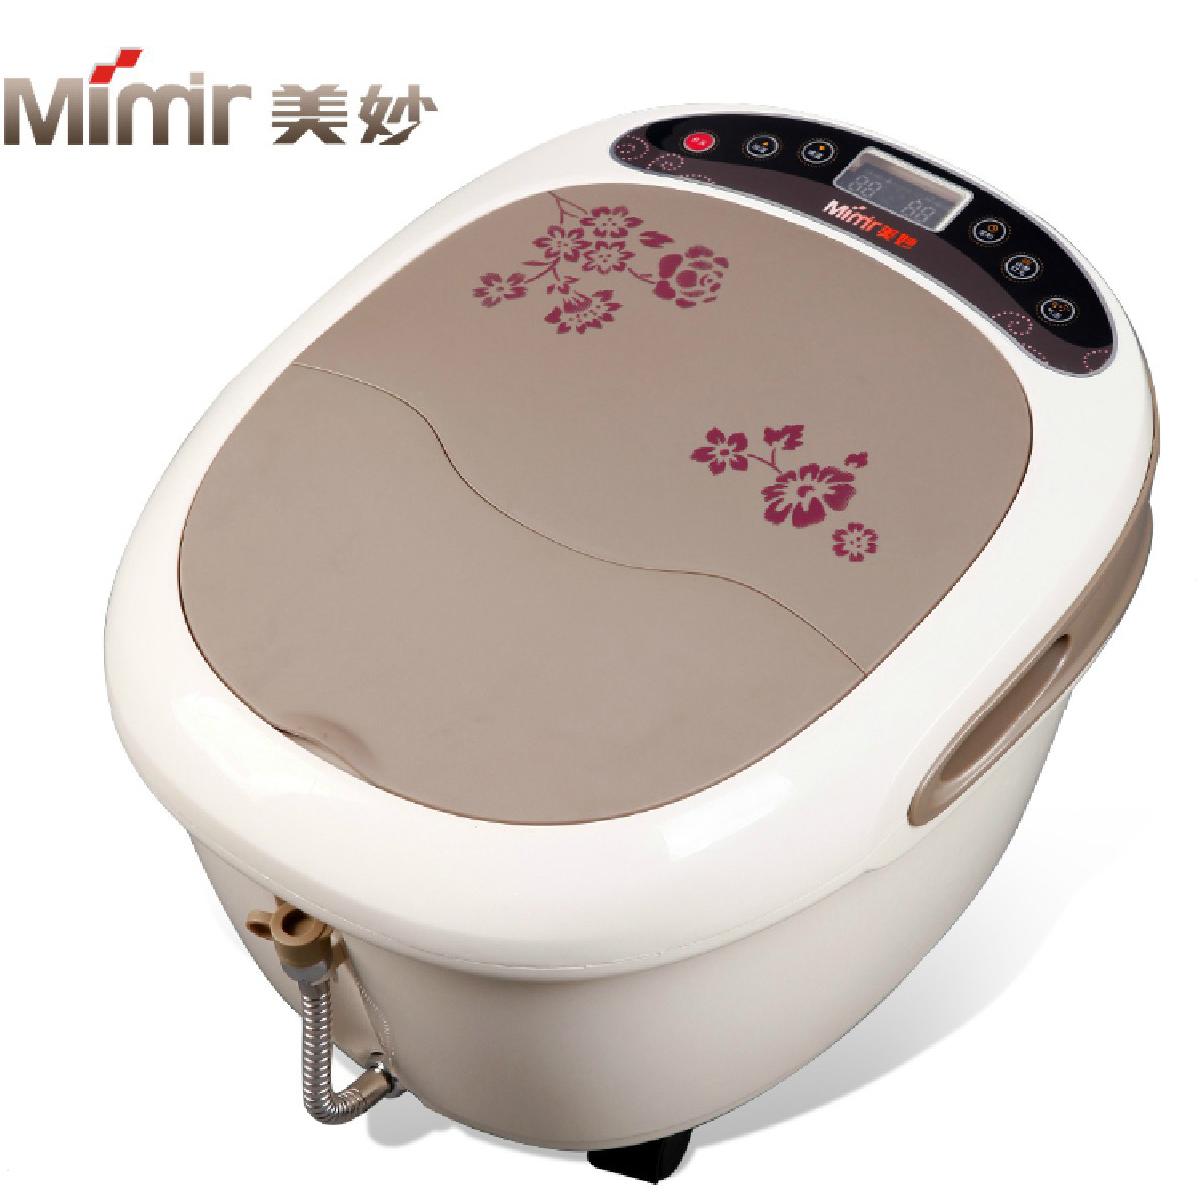 美妙足浴盆全自动按摩 洗脚盆按摩加热 足浴器泡脚盆深桶包邮特价 价格:468.00